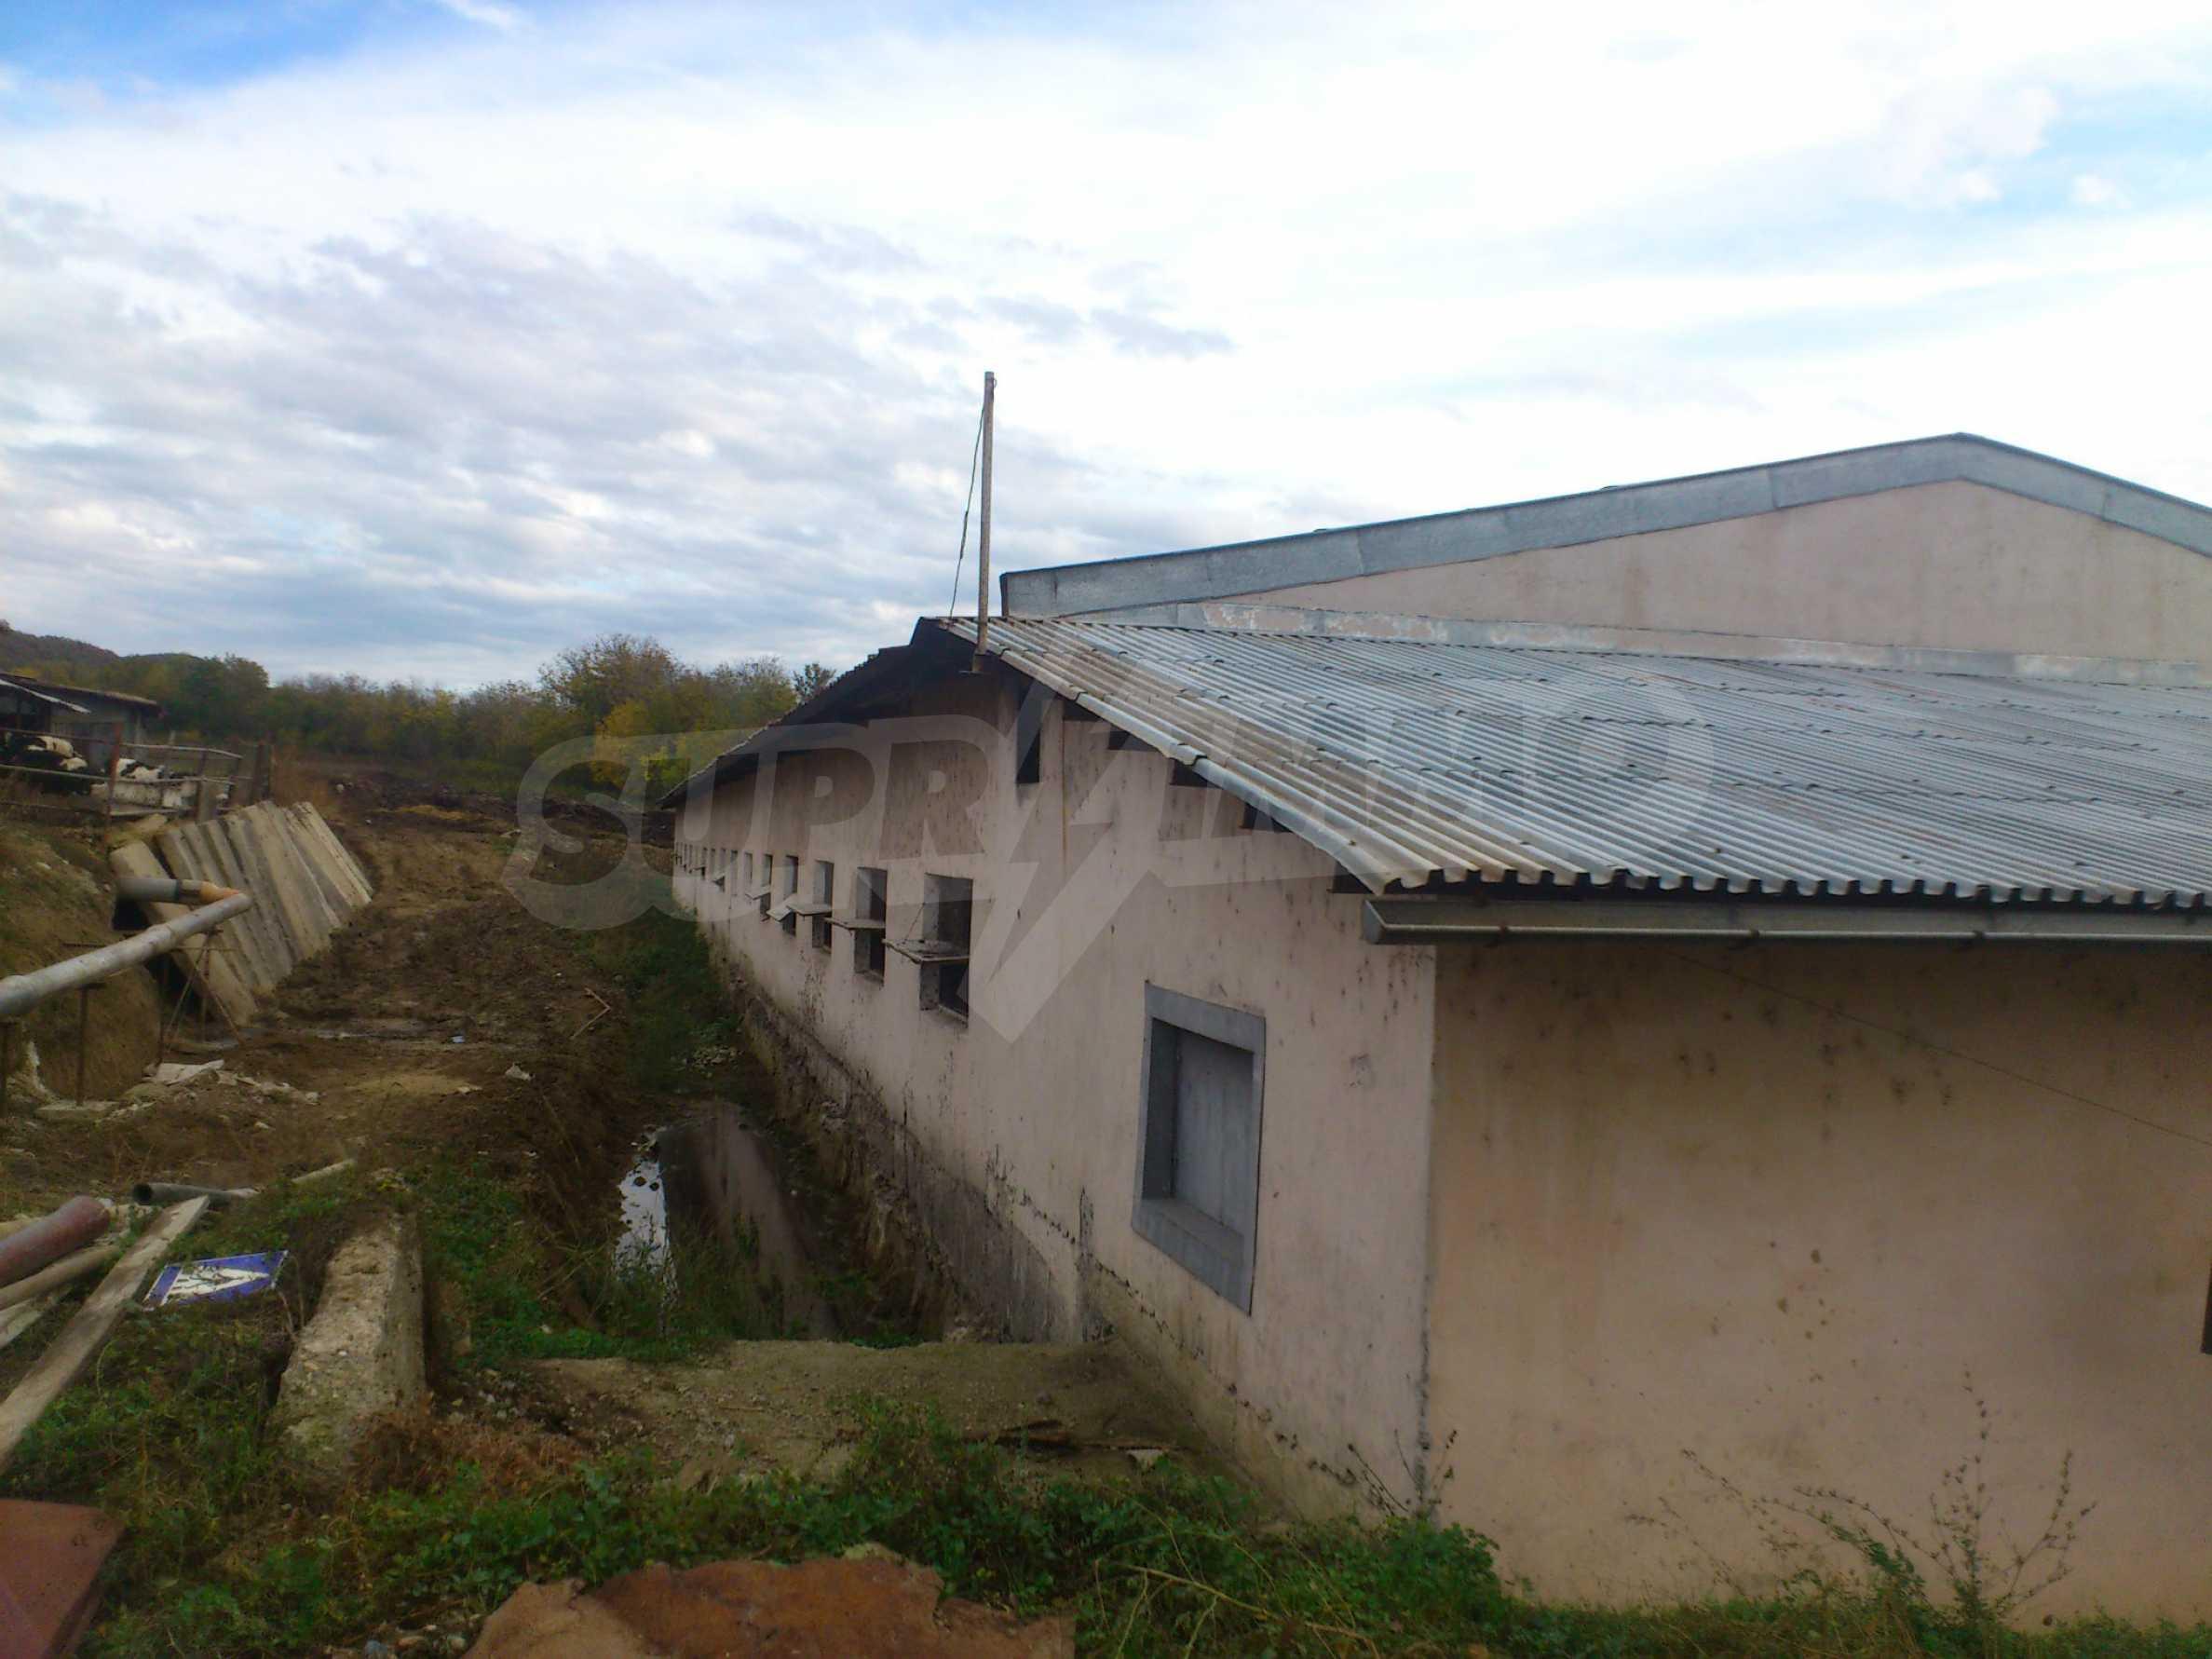 Neues Bauernhaus in einem Dorf in der Nähe von Veliko Tarnovo 13